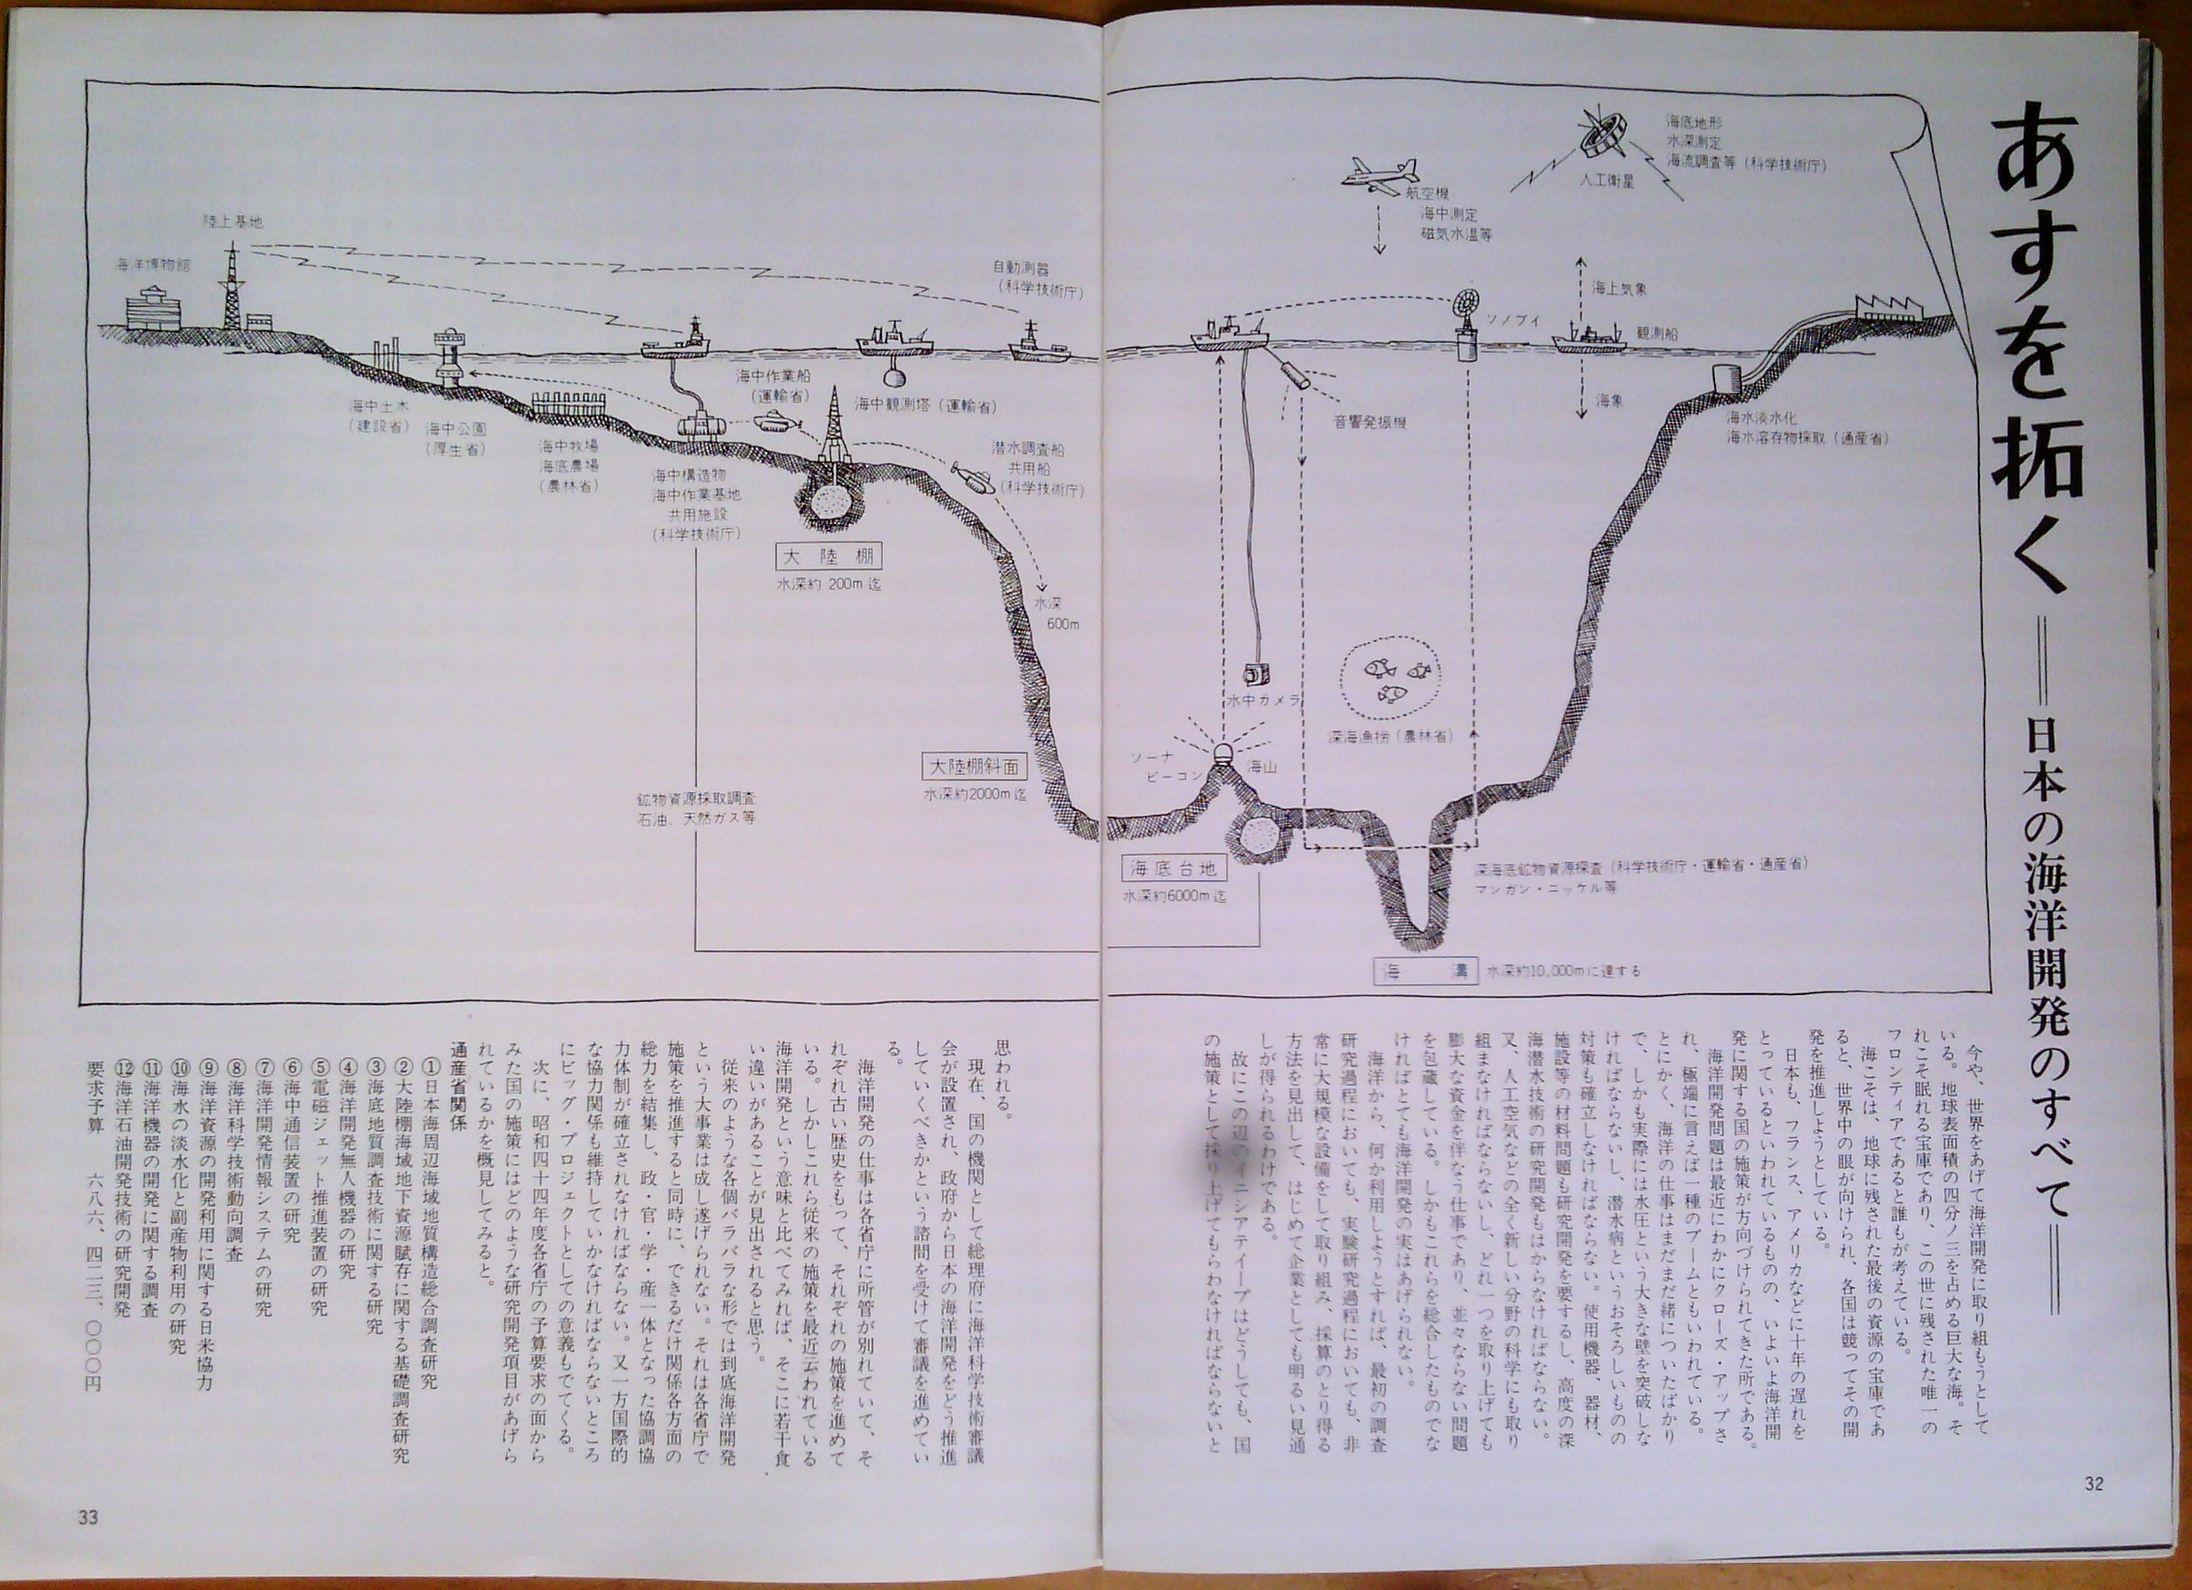 0323  ダイビングの歴史56  マリンダイビング創刊1969_b0075059_14280038.jpg